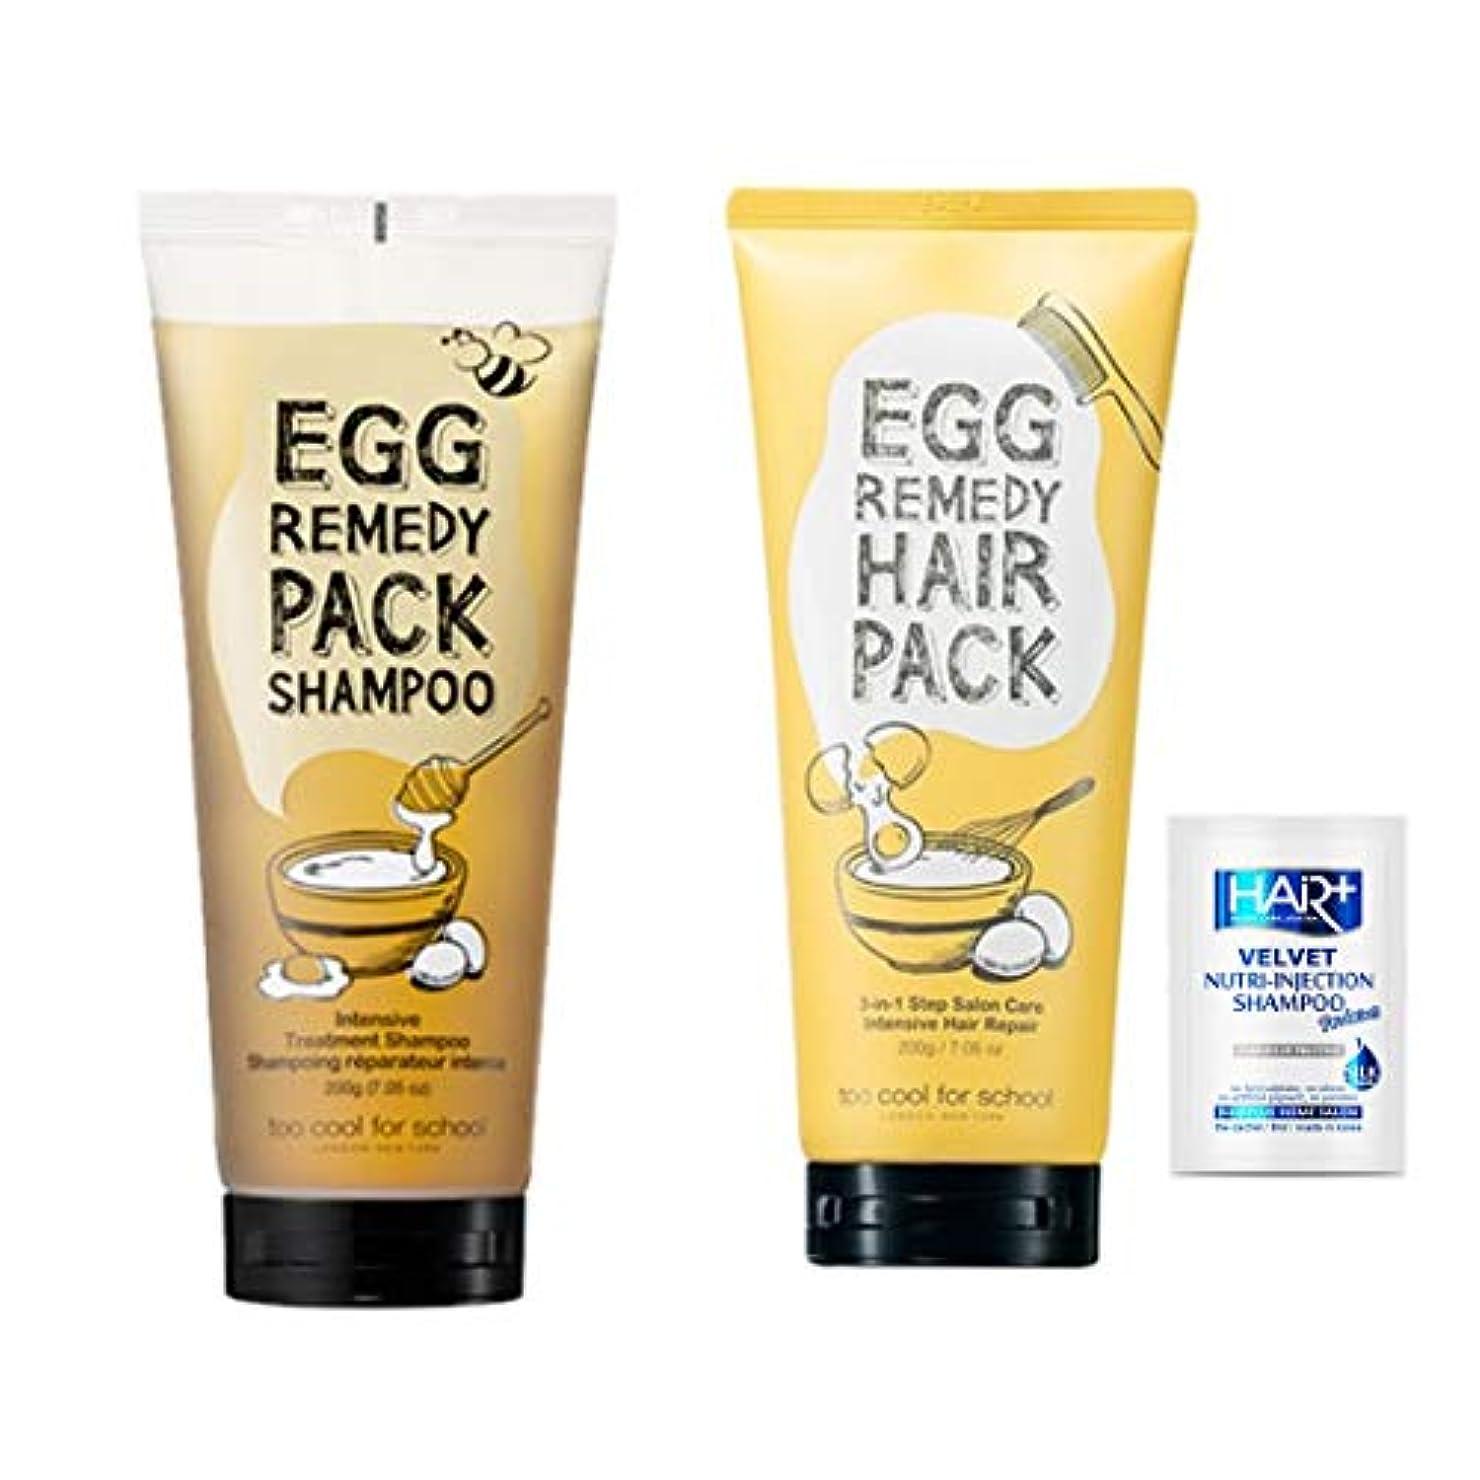 アスレチックお風呂を持っているトゥークールフォ―スクール(too cool for school)/エッグレミディパックシャンプーtoo cool for school Egg Remedy Pack Shampoo 200ml + エッグレミディヘアパック...